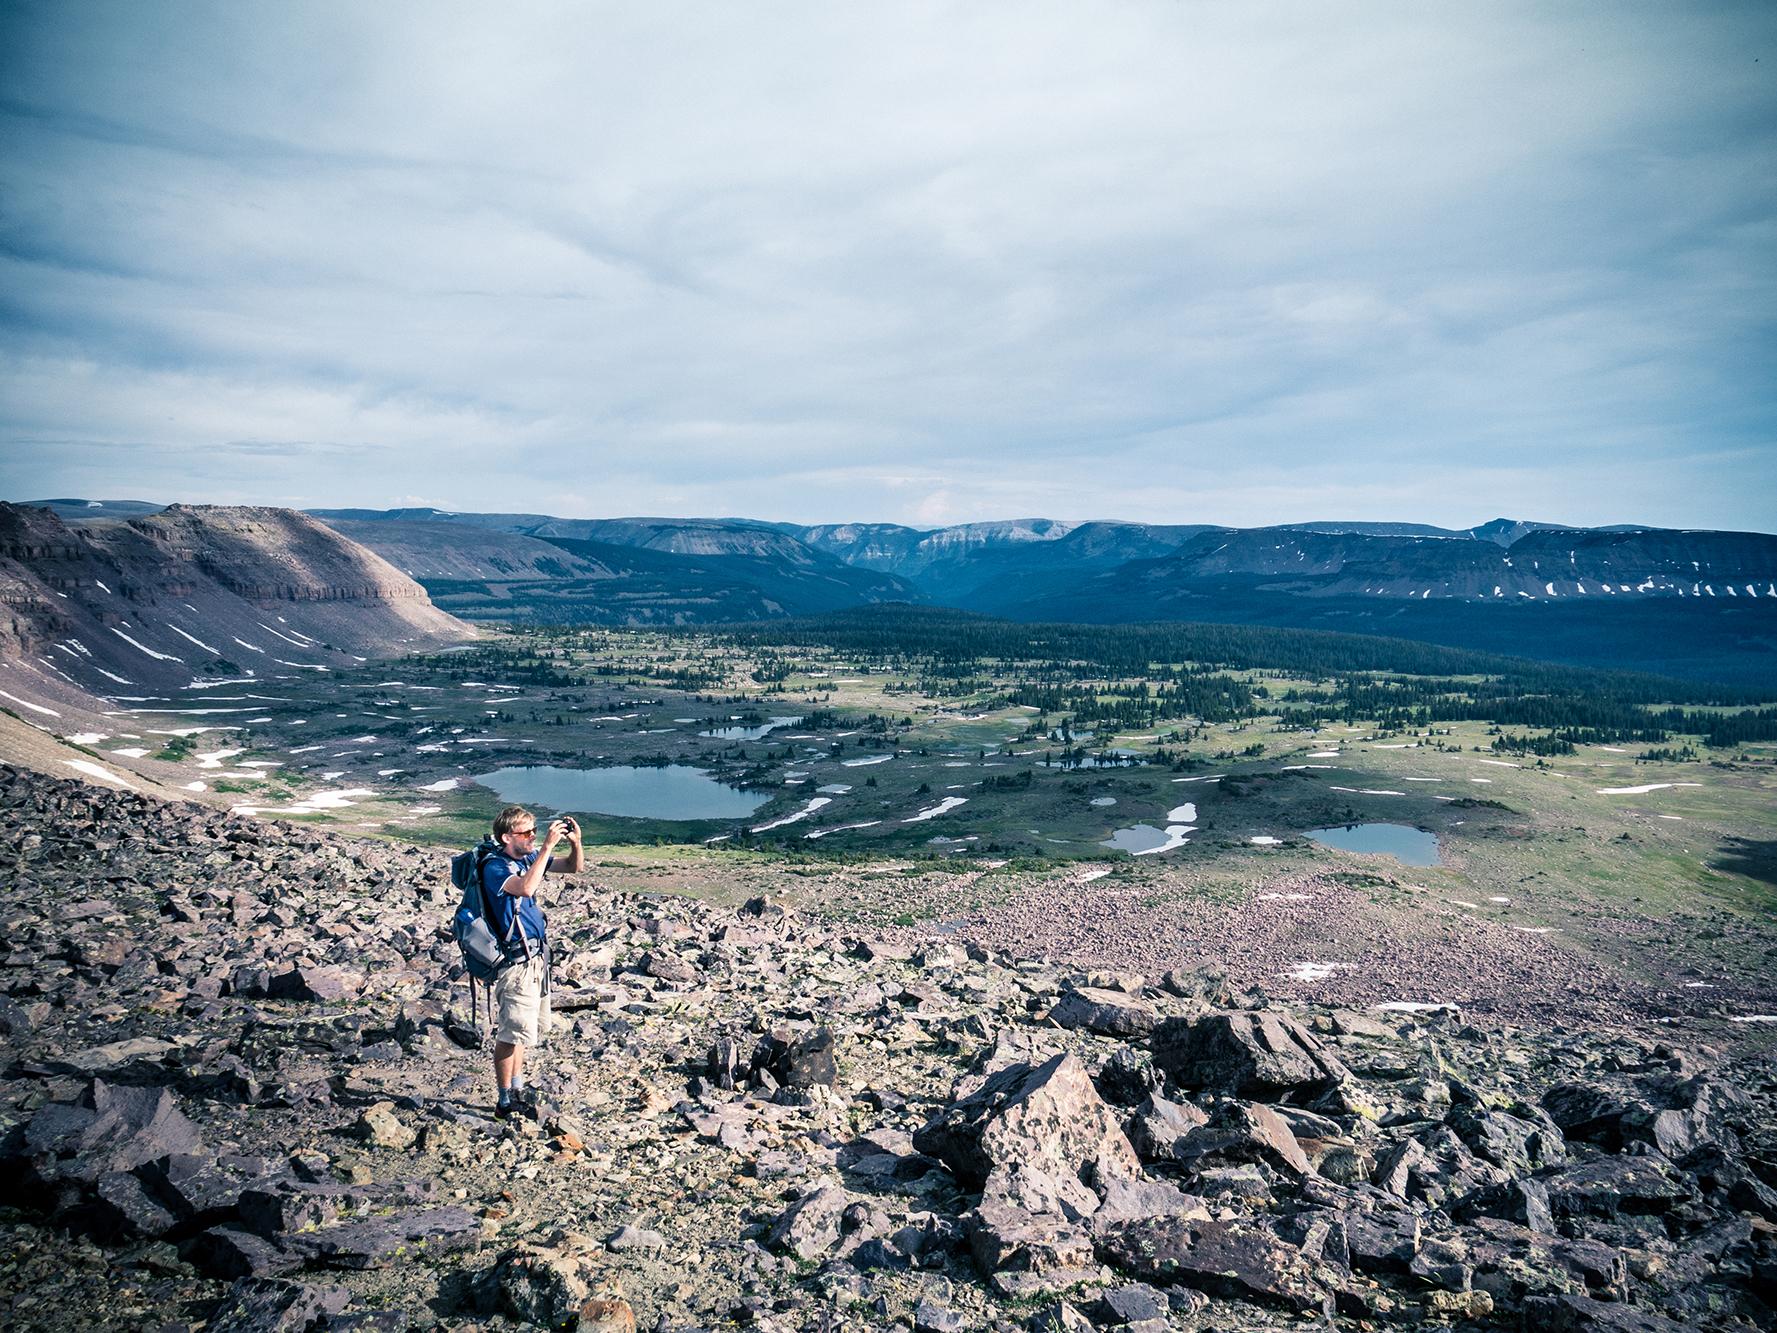 Joe and some high mountain lakes.